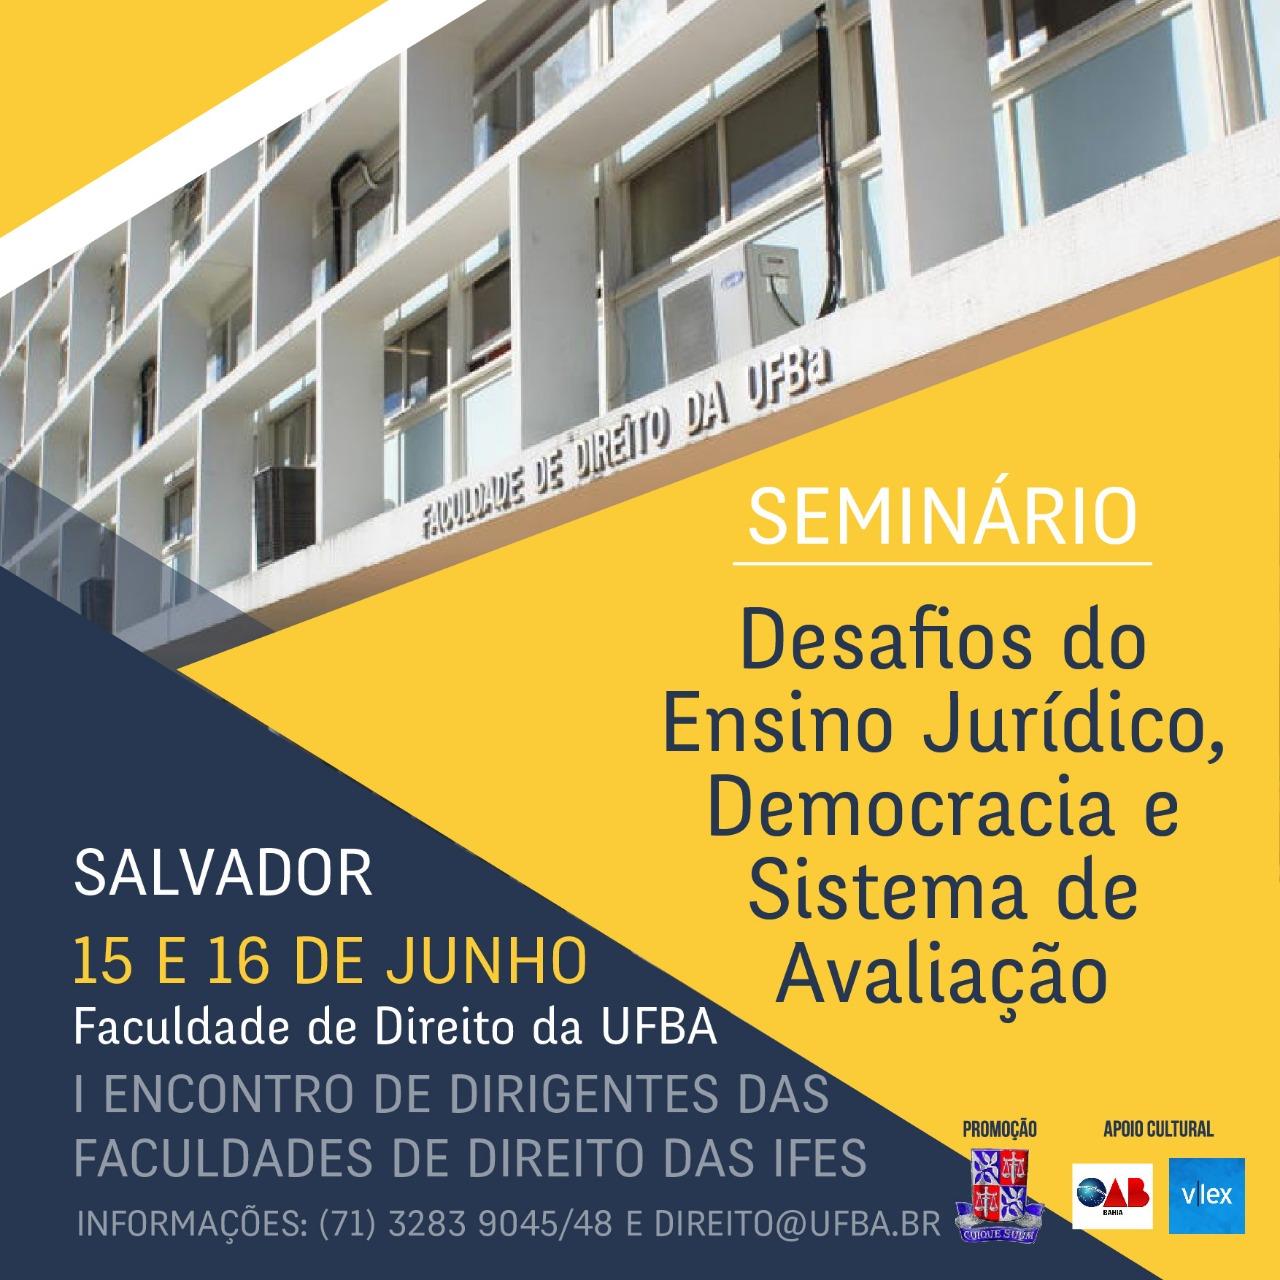 """Faculdade de Direito da UFBA promove seminário sobre """"Desafios do Ensino Jurídico, democracia e sistemas de avaliação"""""""